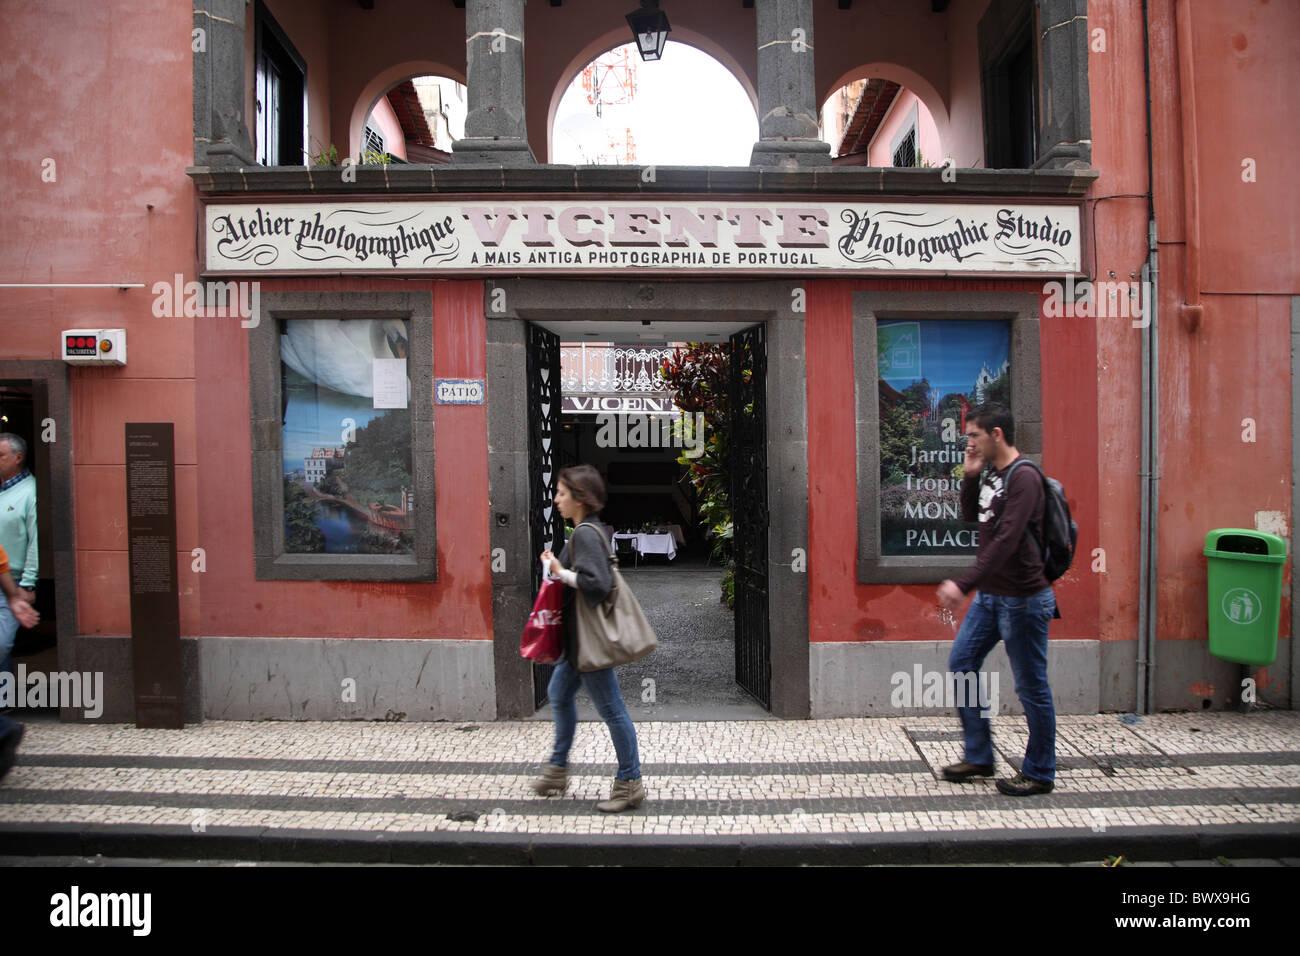 Portugal Madeira Funchal Museu Photographia - Stock Image